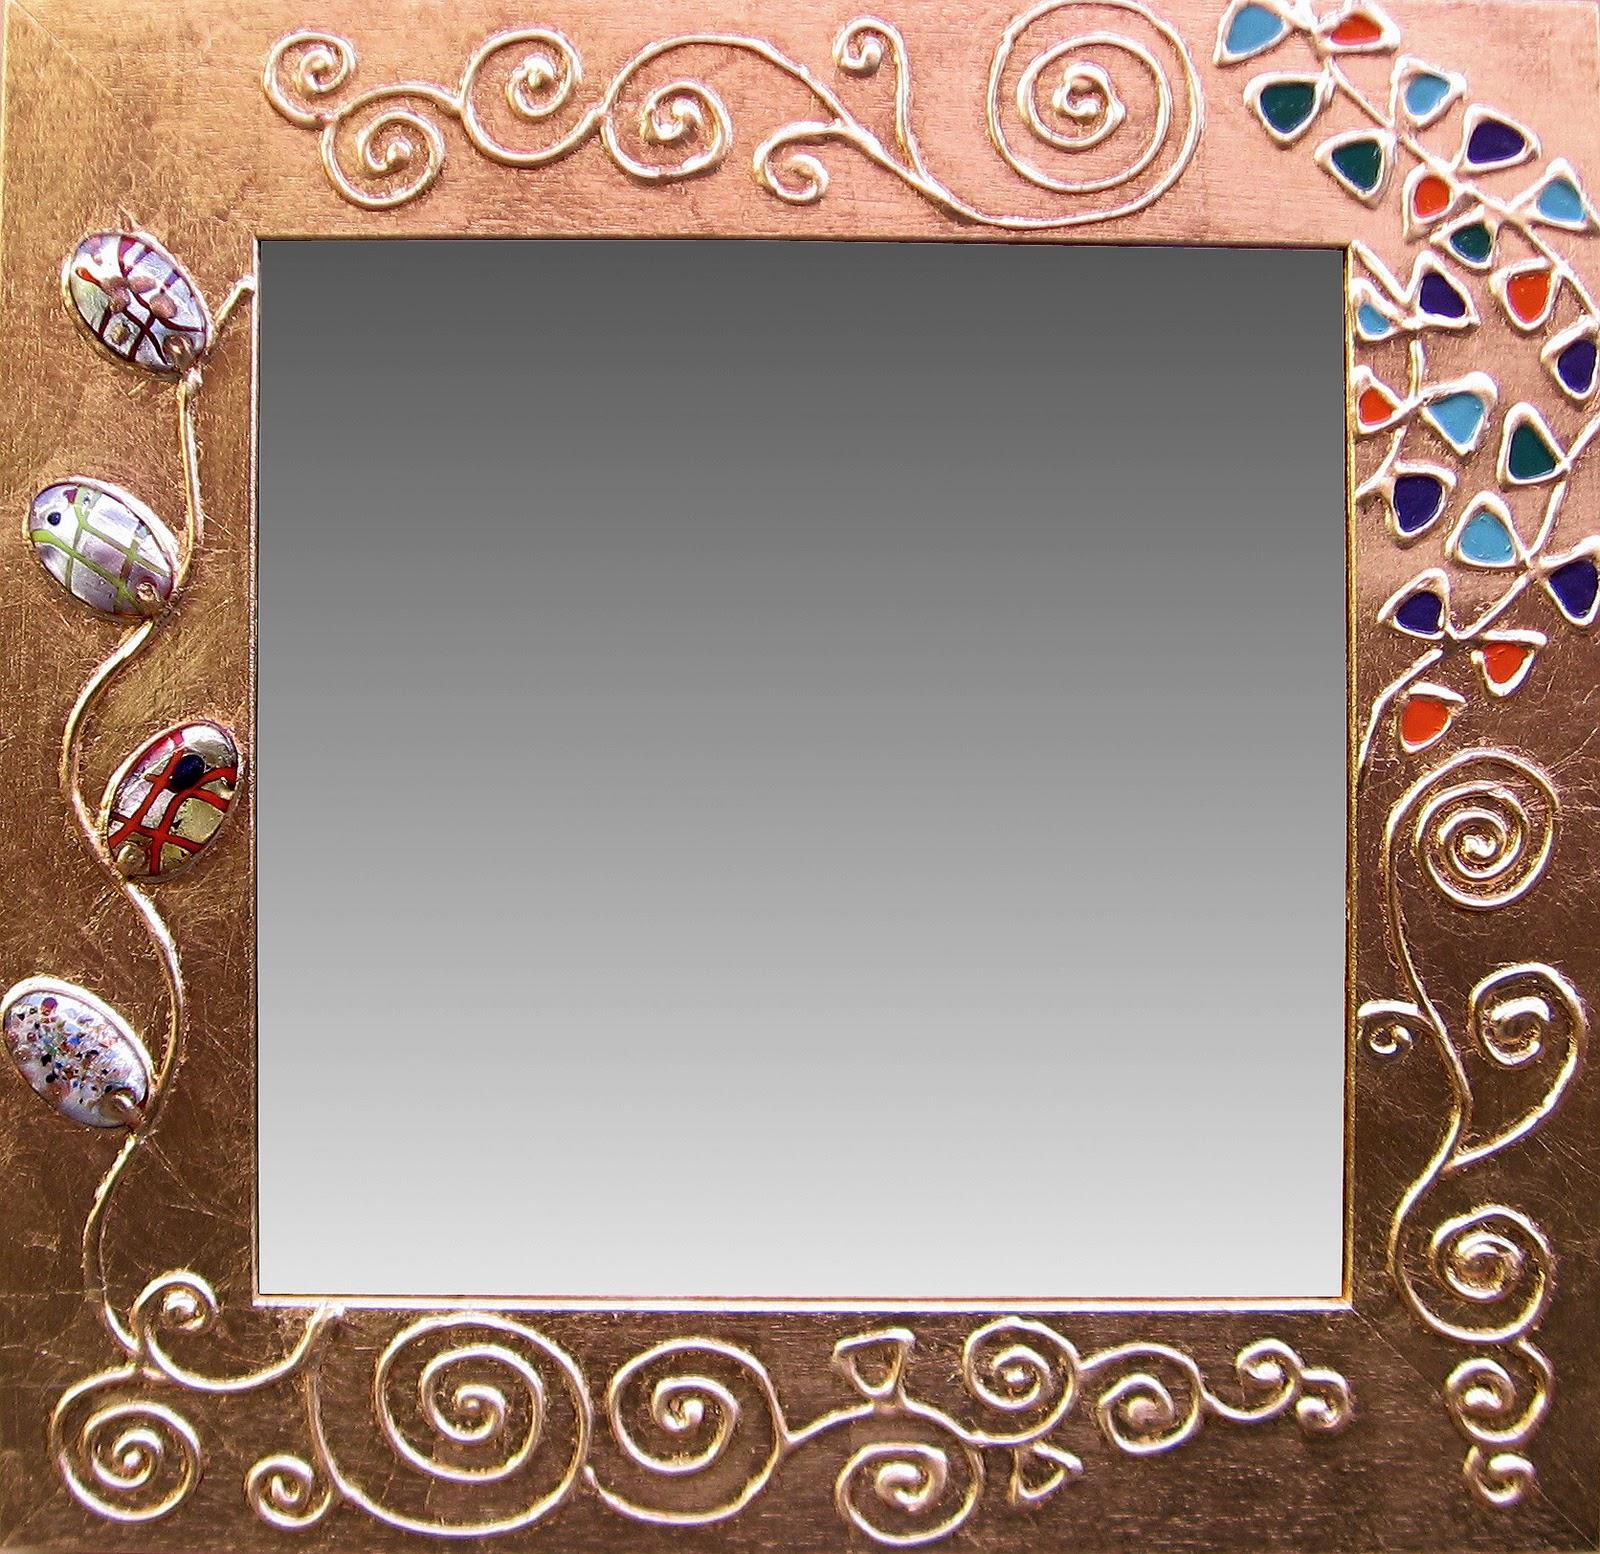 Oro argento e fantasia - Specchio antichizzato ...